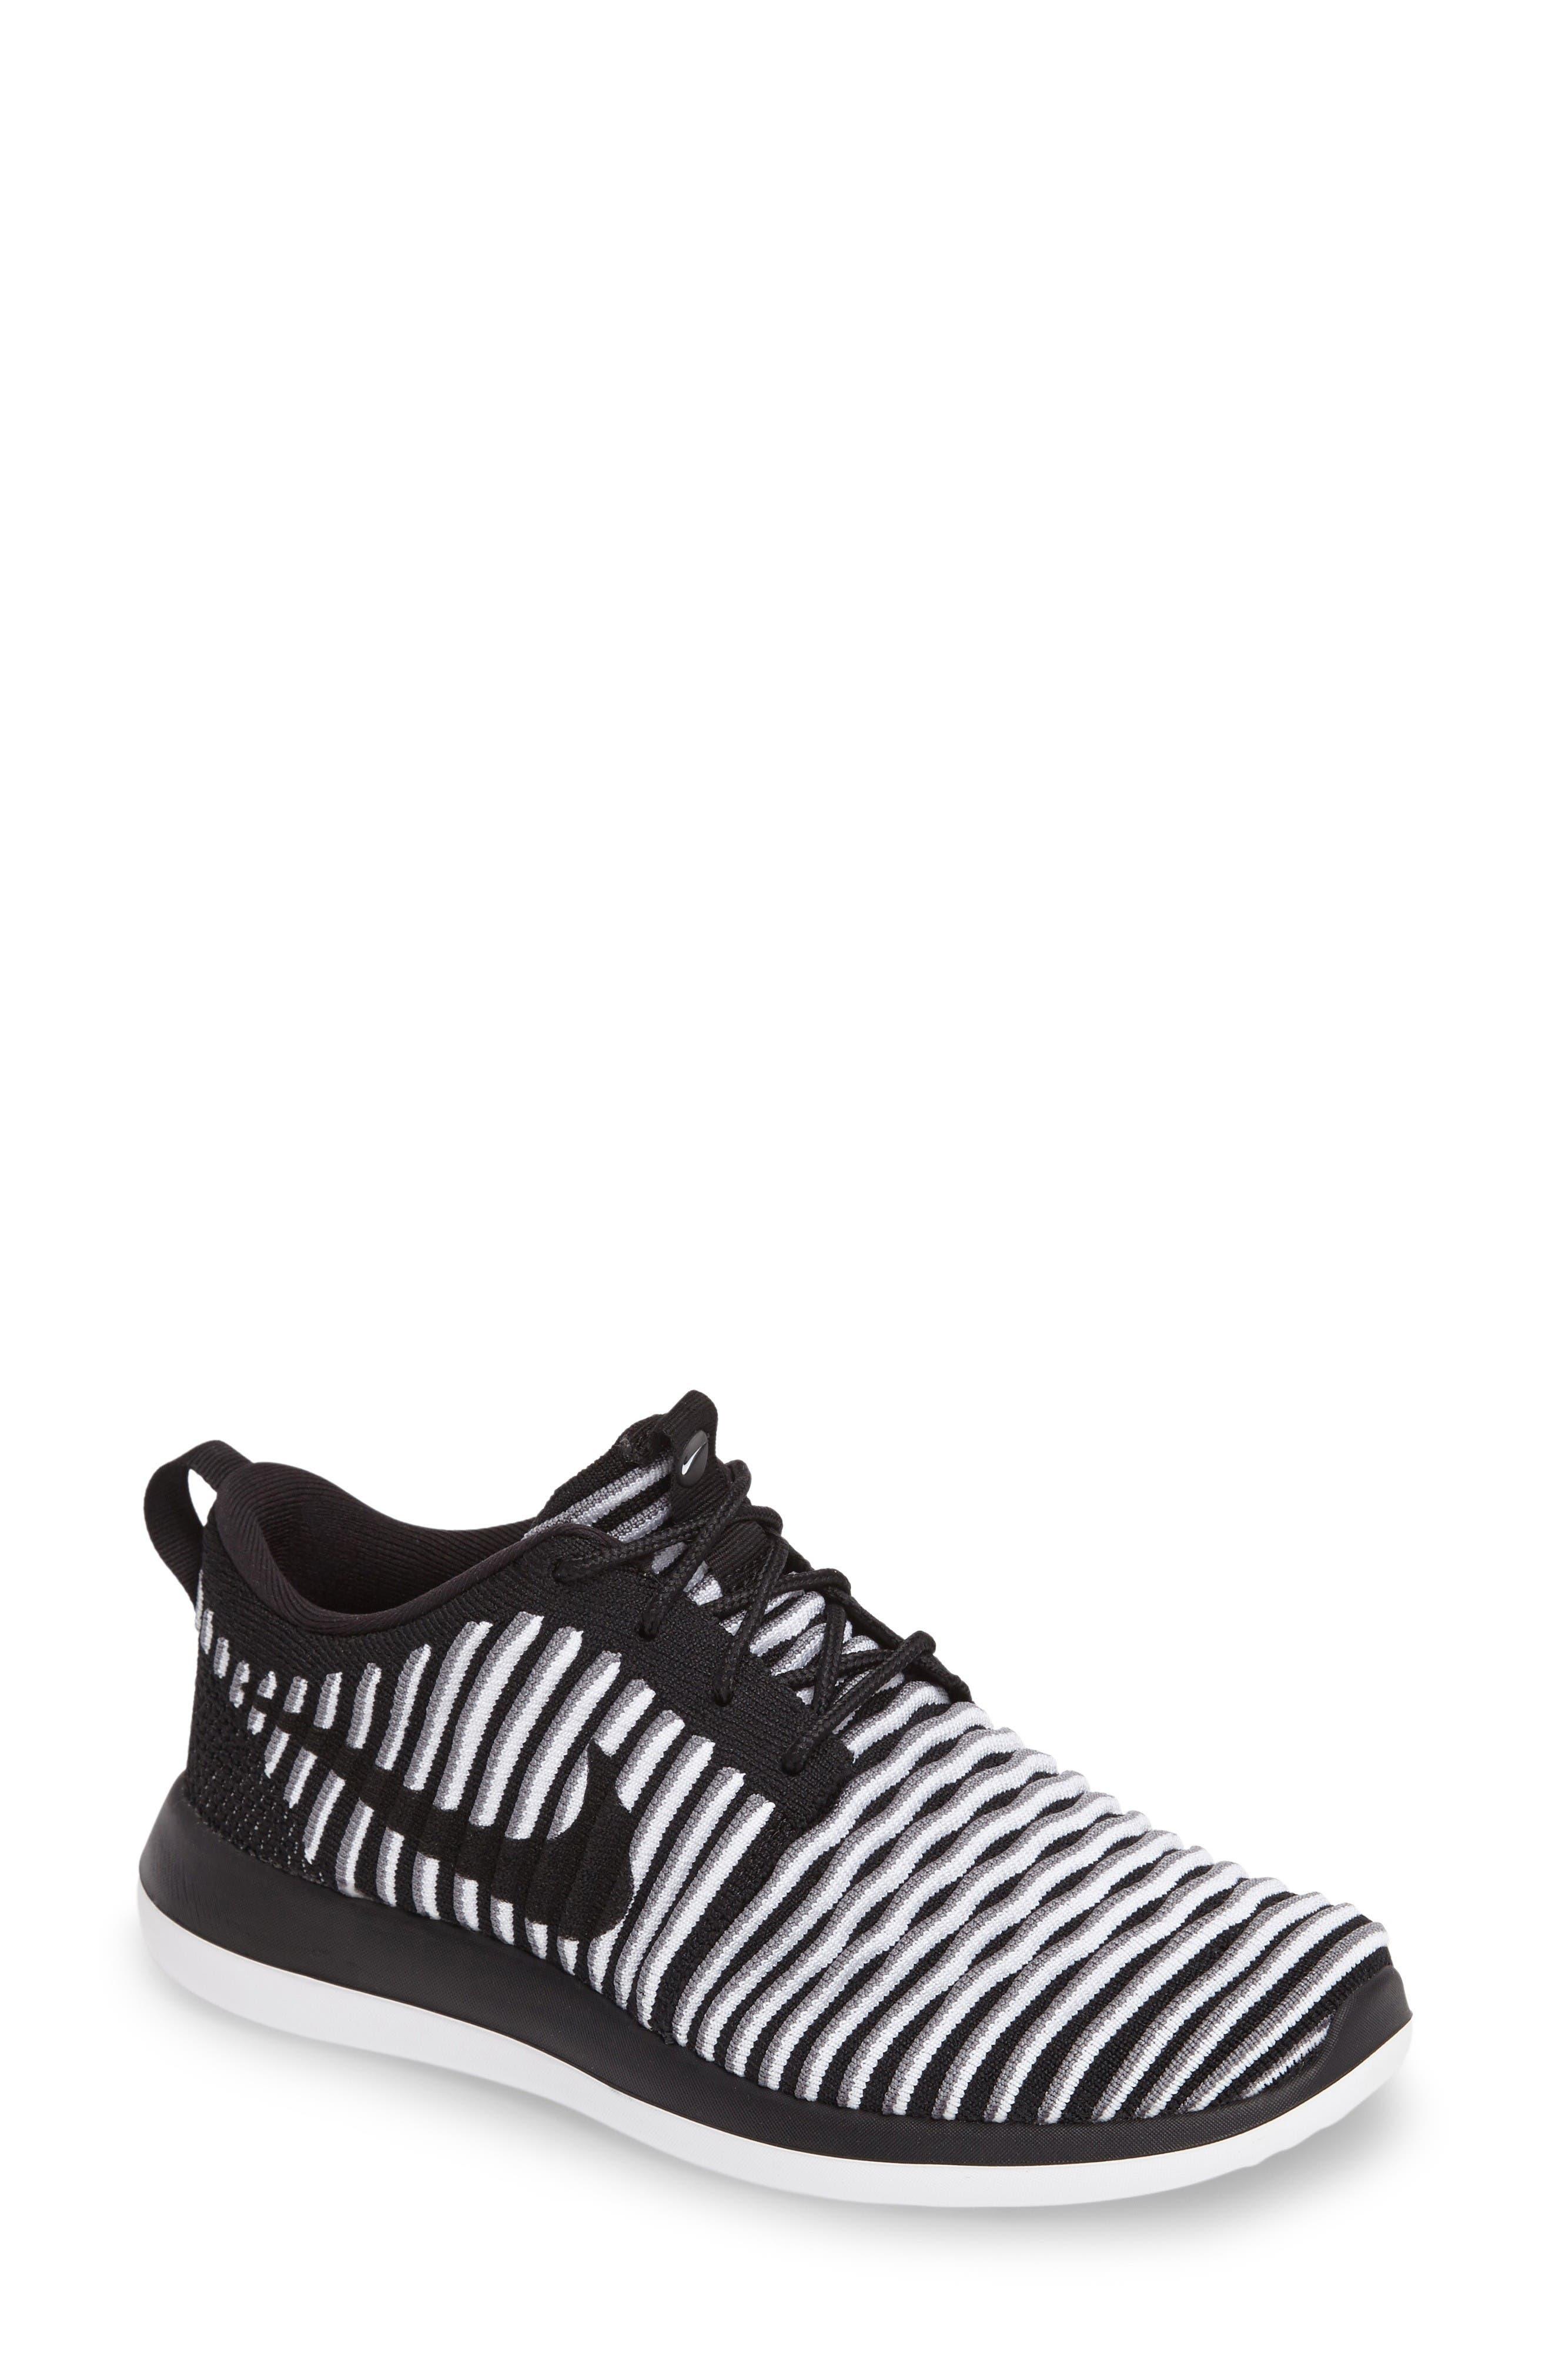 Alternate Image 1 Selected - Nike Roshe Two FlyKnit Sneaker (Women)